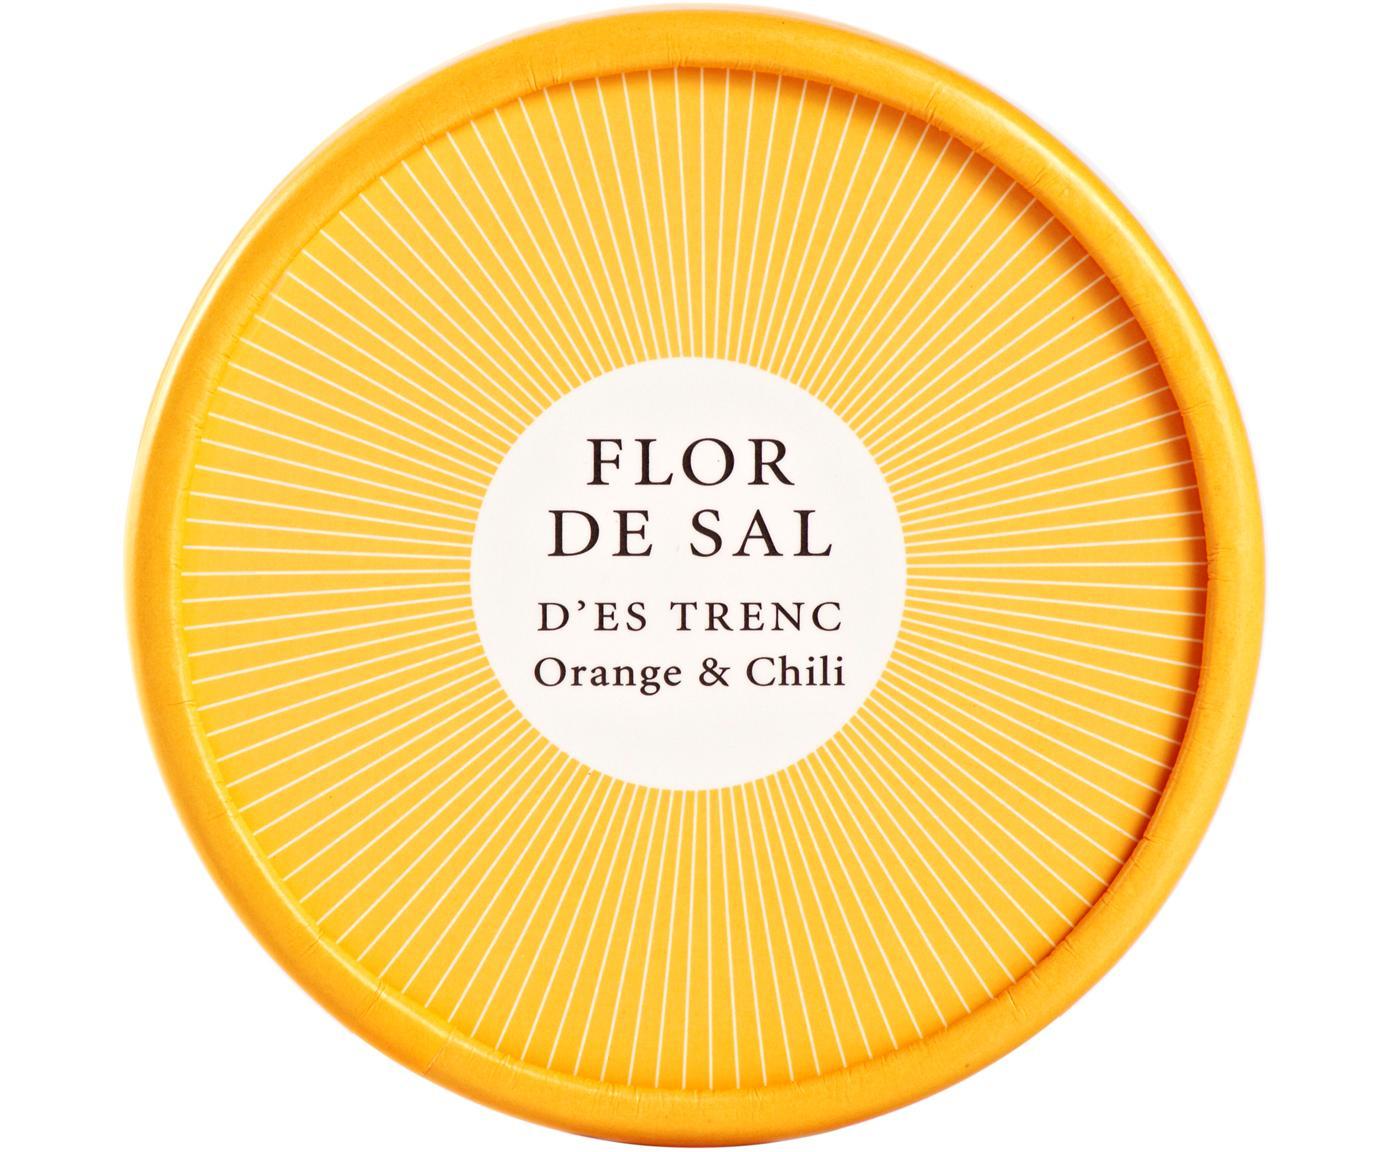 Gewürzsalz Flor de Sal d´Es Trenc (Orange & Chili), Dose: Pappmembran, Gelb, 150 g